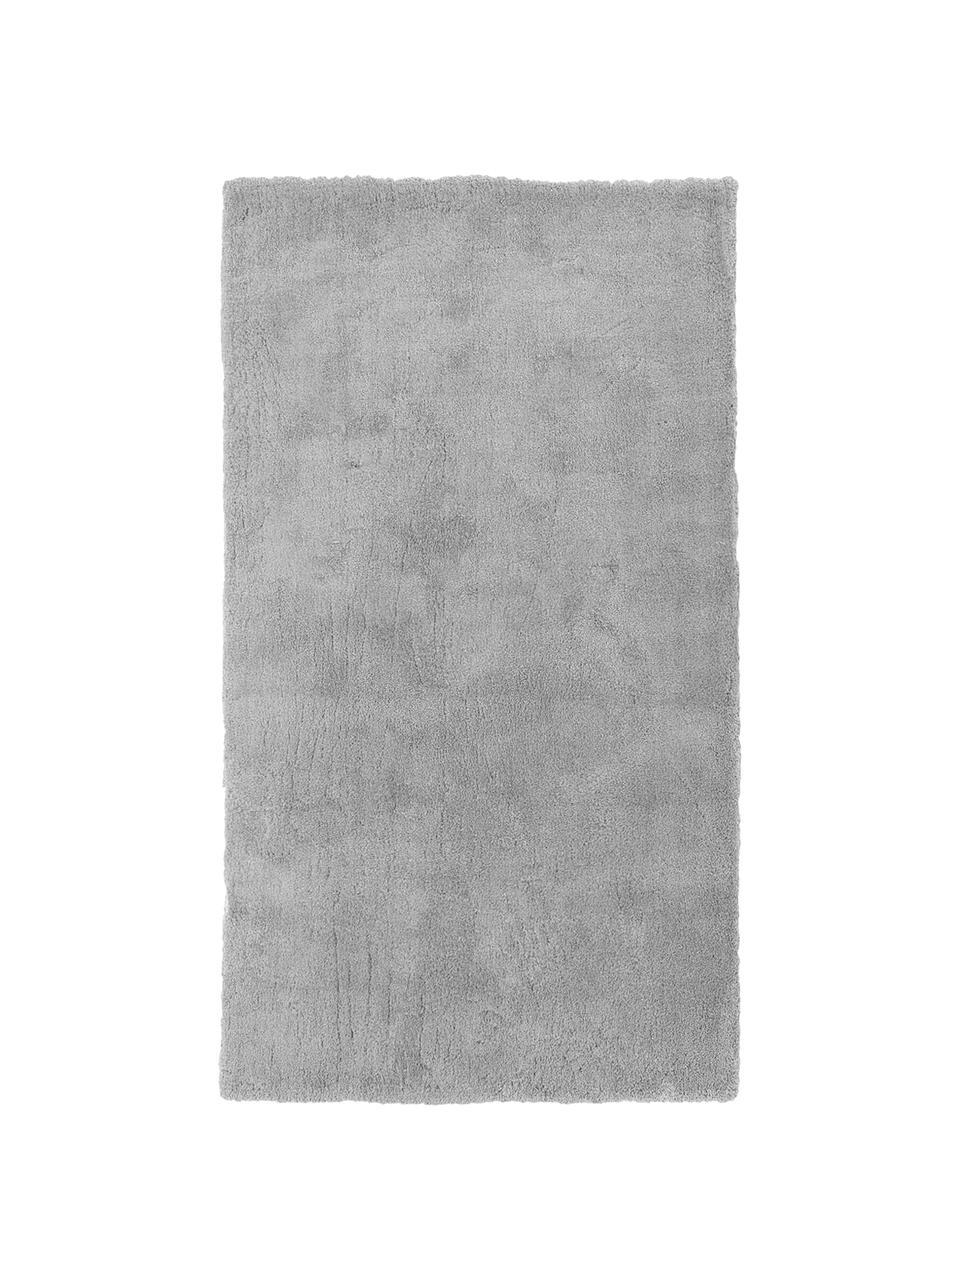 Tappeto morbido a pelo lungo grigio Leighton, Retro: 70% poliestere, 30% coton, Grigio, Larg. 200 x Lung. 300 cm (taglia L)